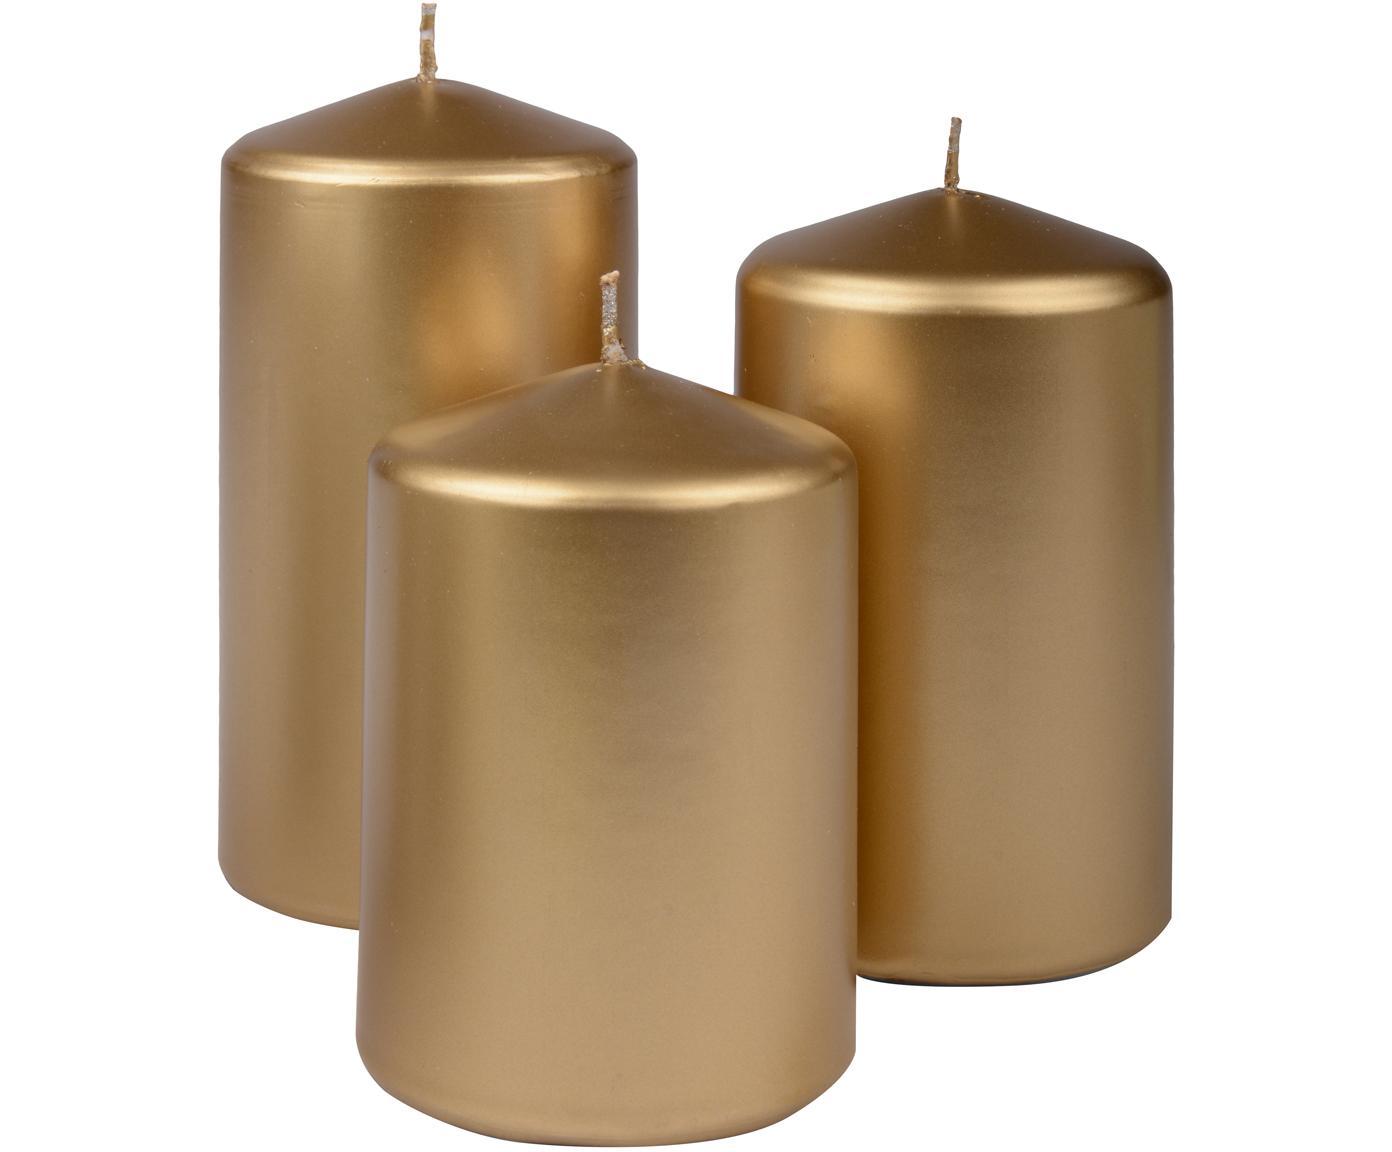 Set de velas Parilla, 3pzas., Cera, Dorado, Tamaños diferentes